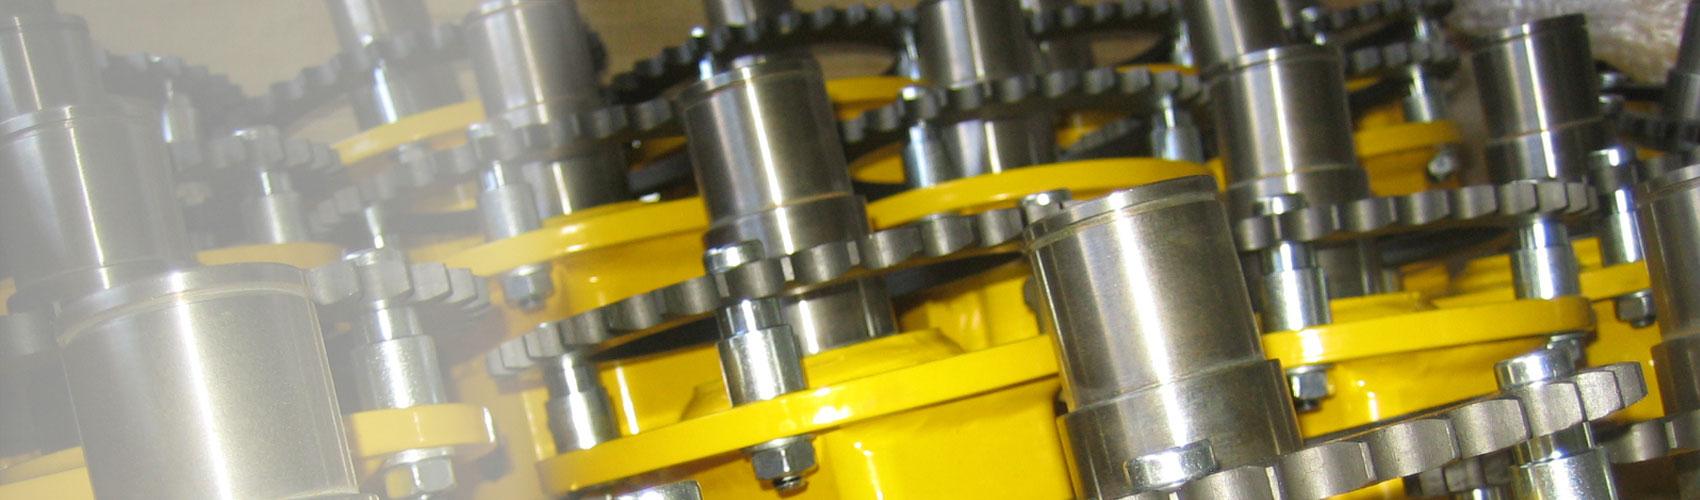 Lohnfertigung Maschinenbau Betriebsmittelbau